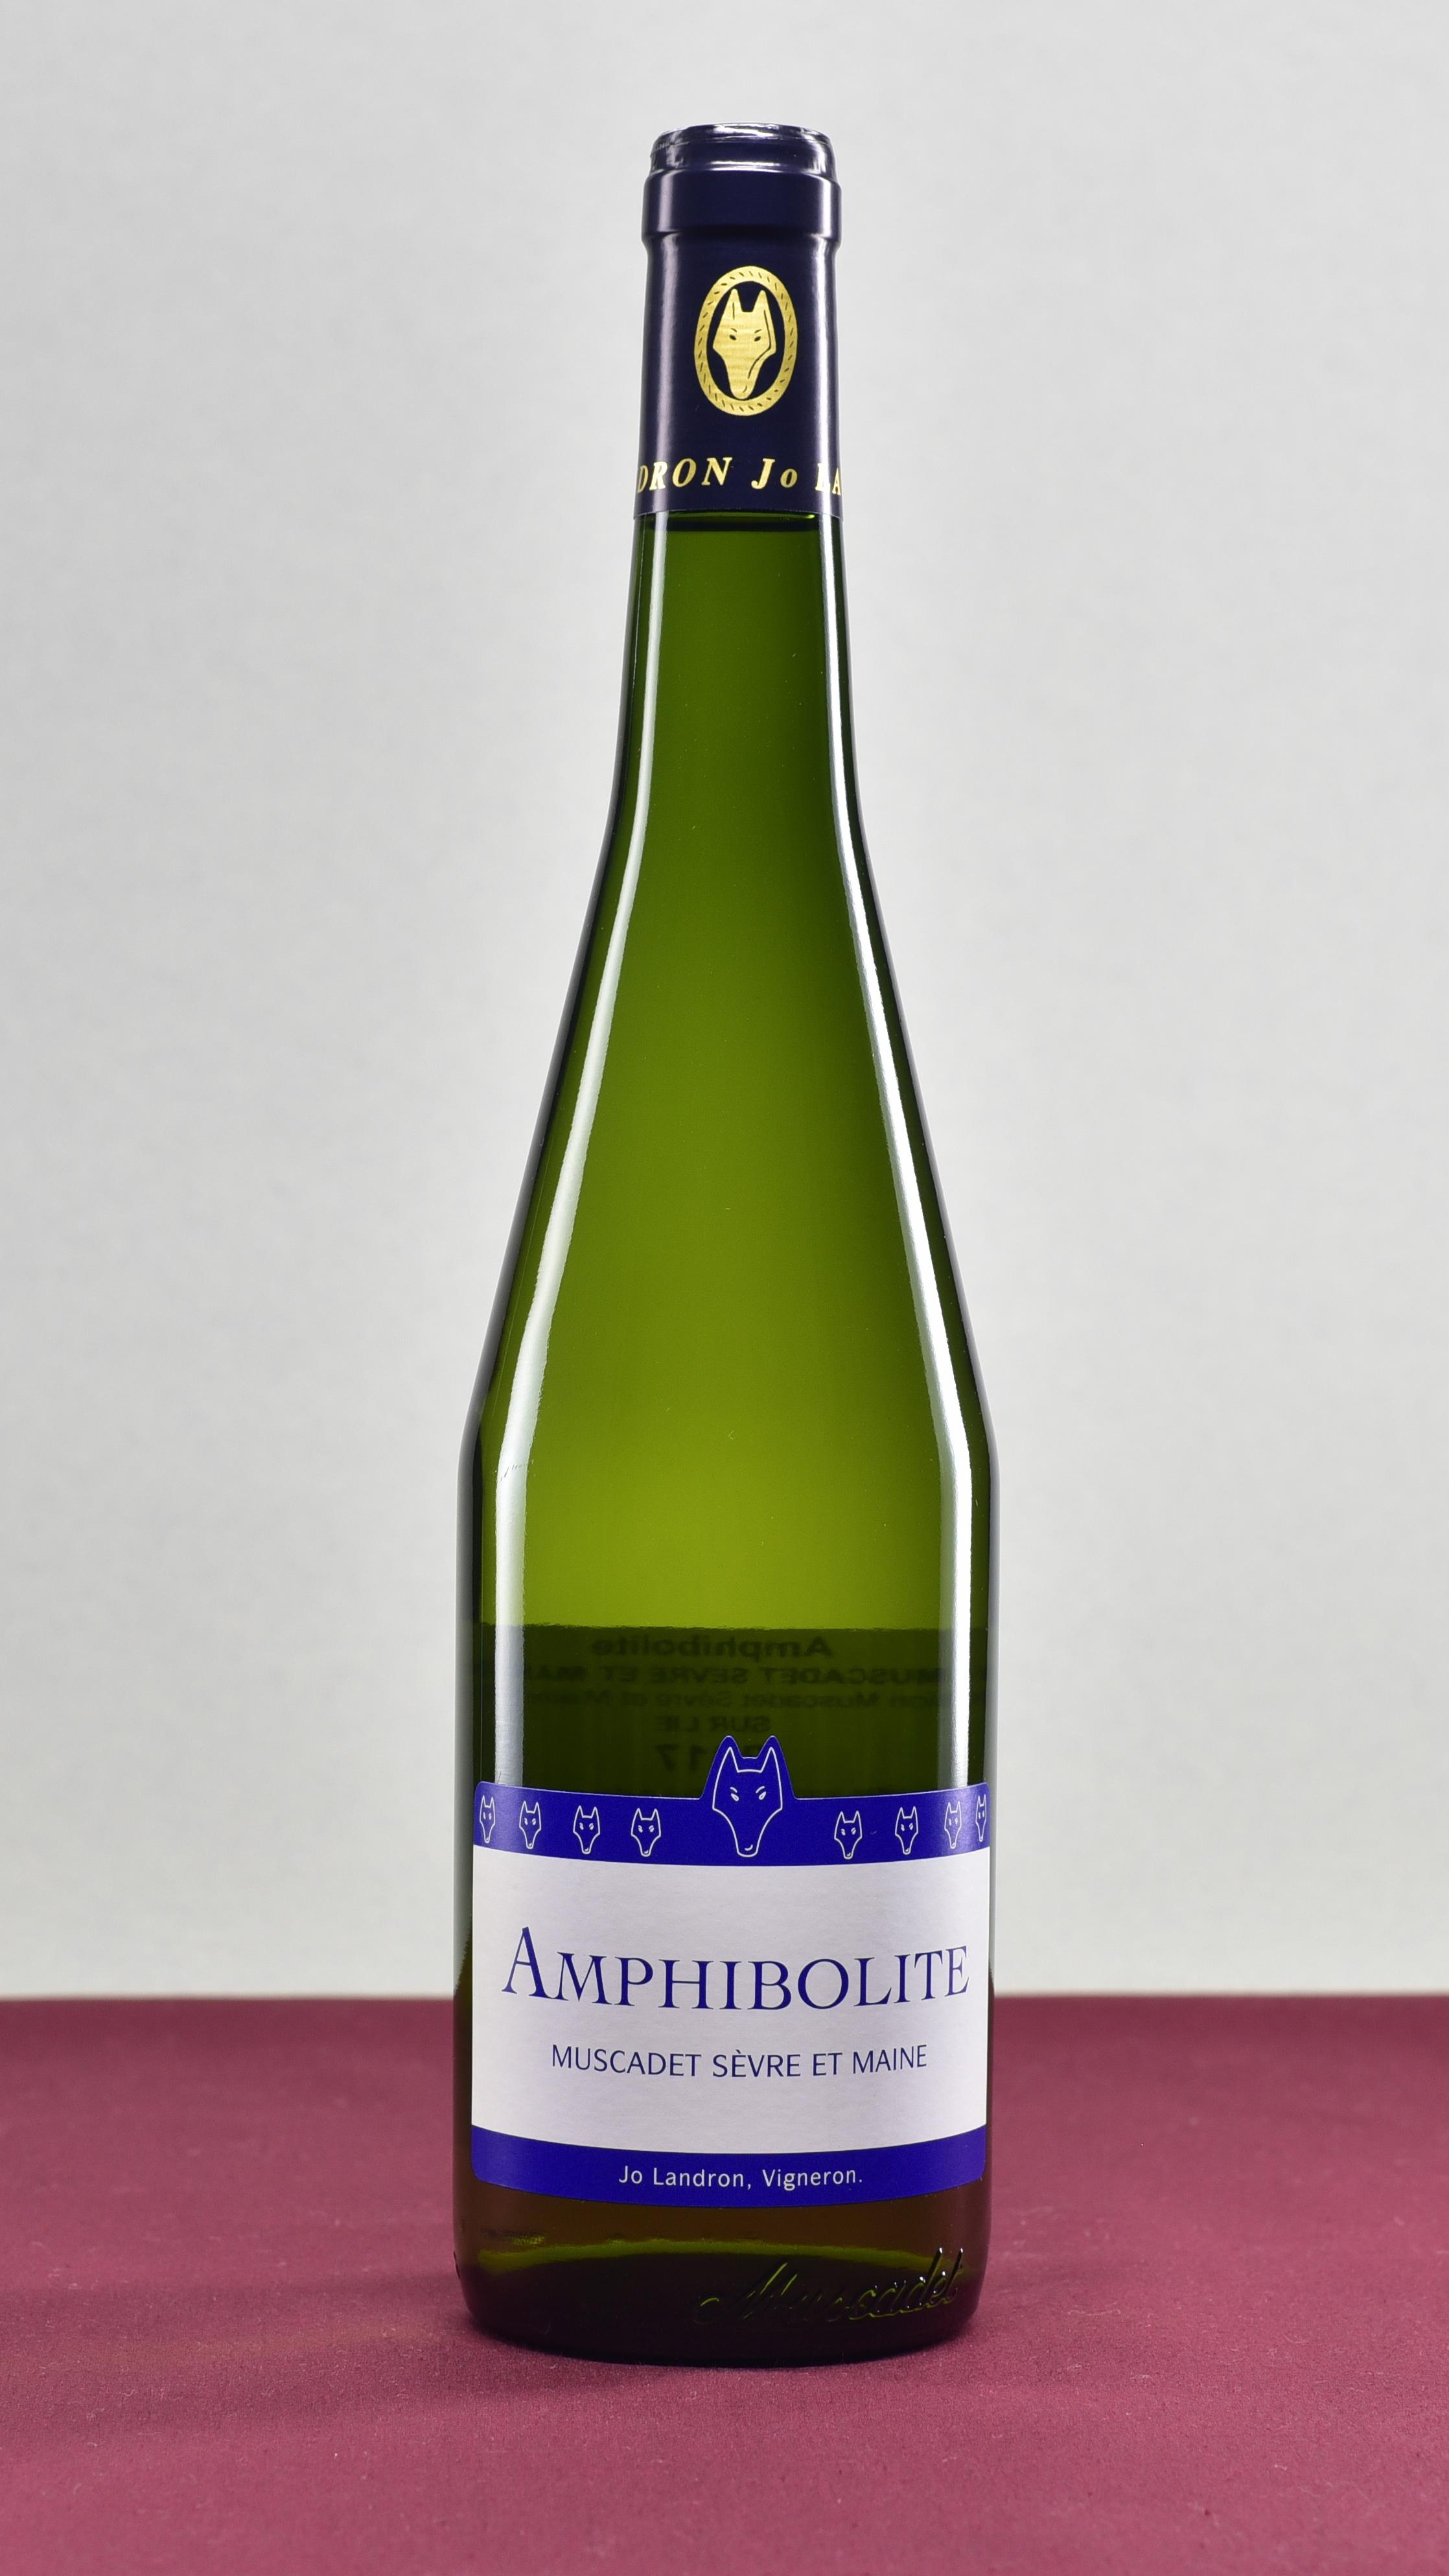 AMphibolite - Domaines Landron | Jo LandronMelon B.AOP Muscadet Sérve et Maine | 2017